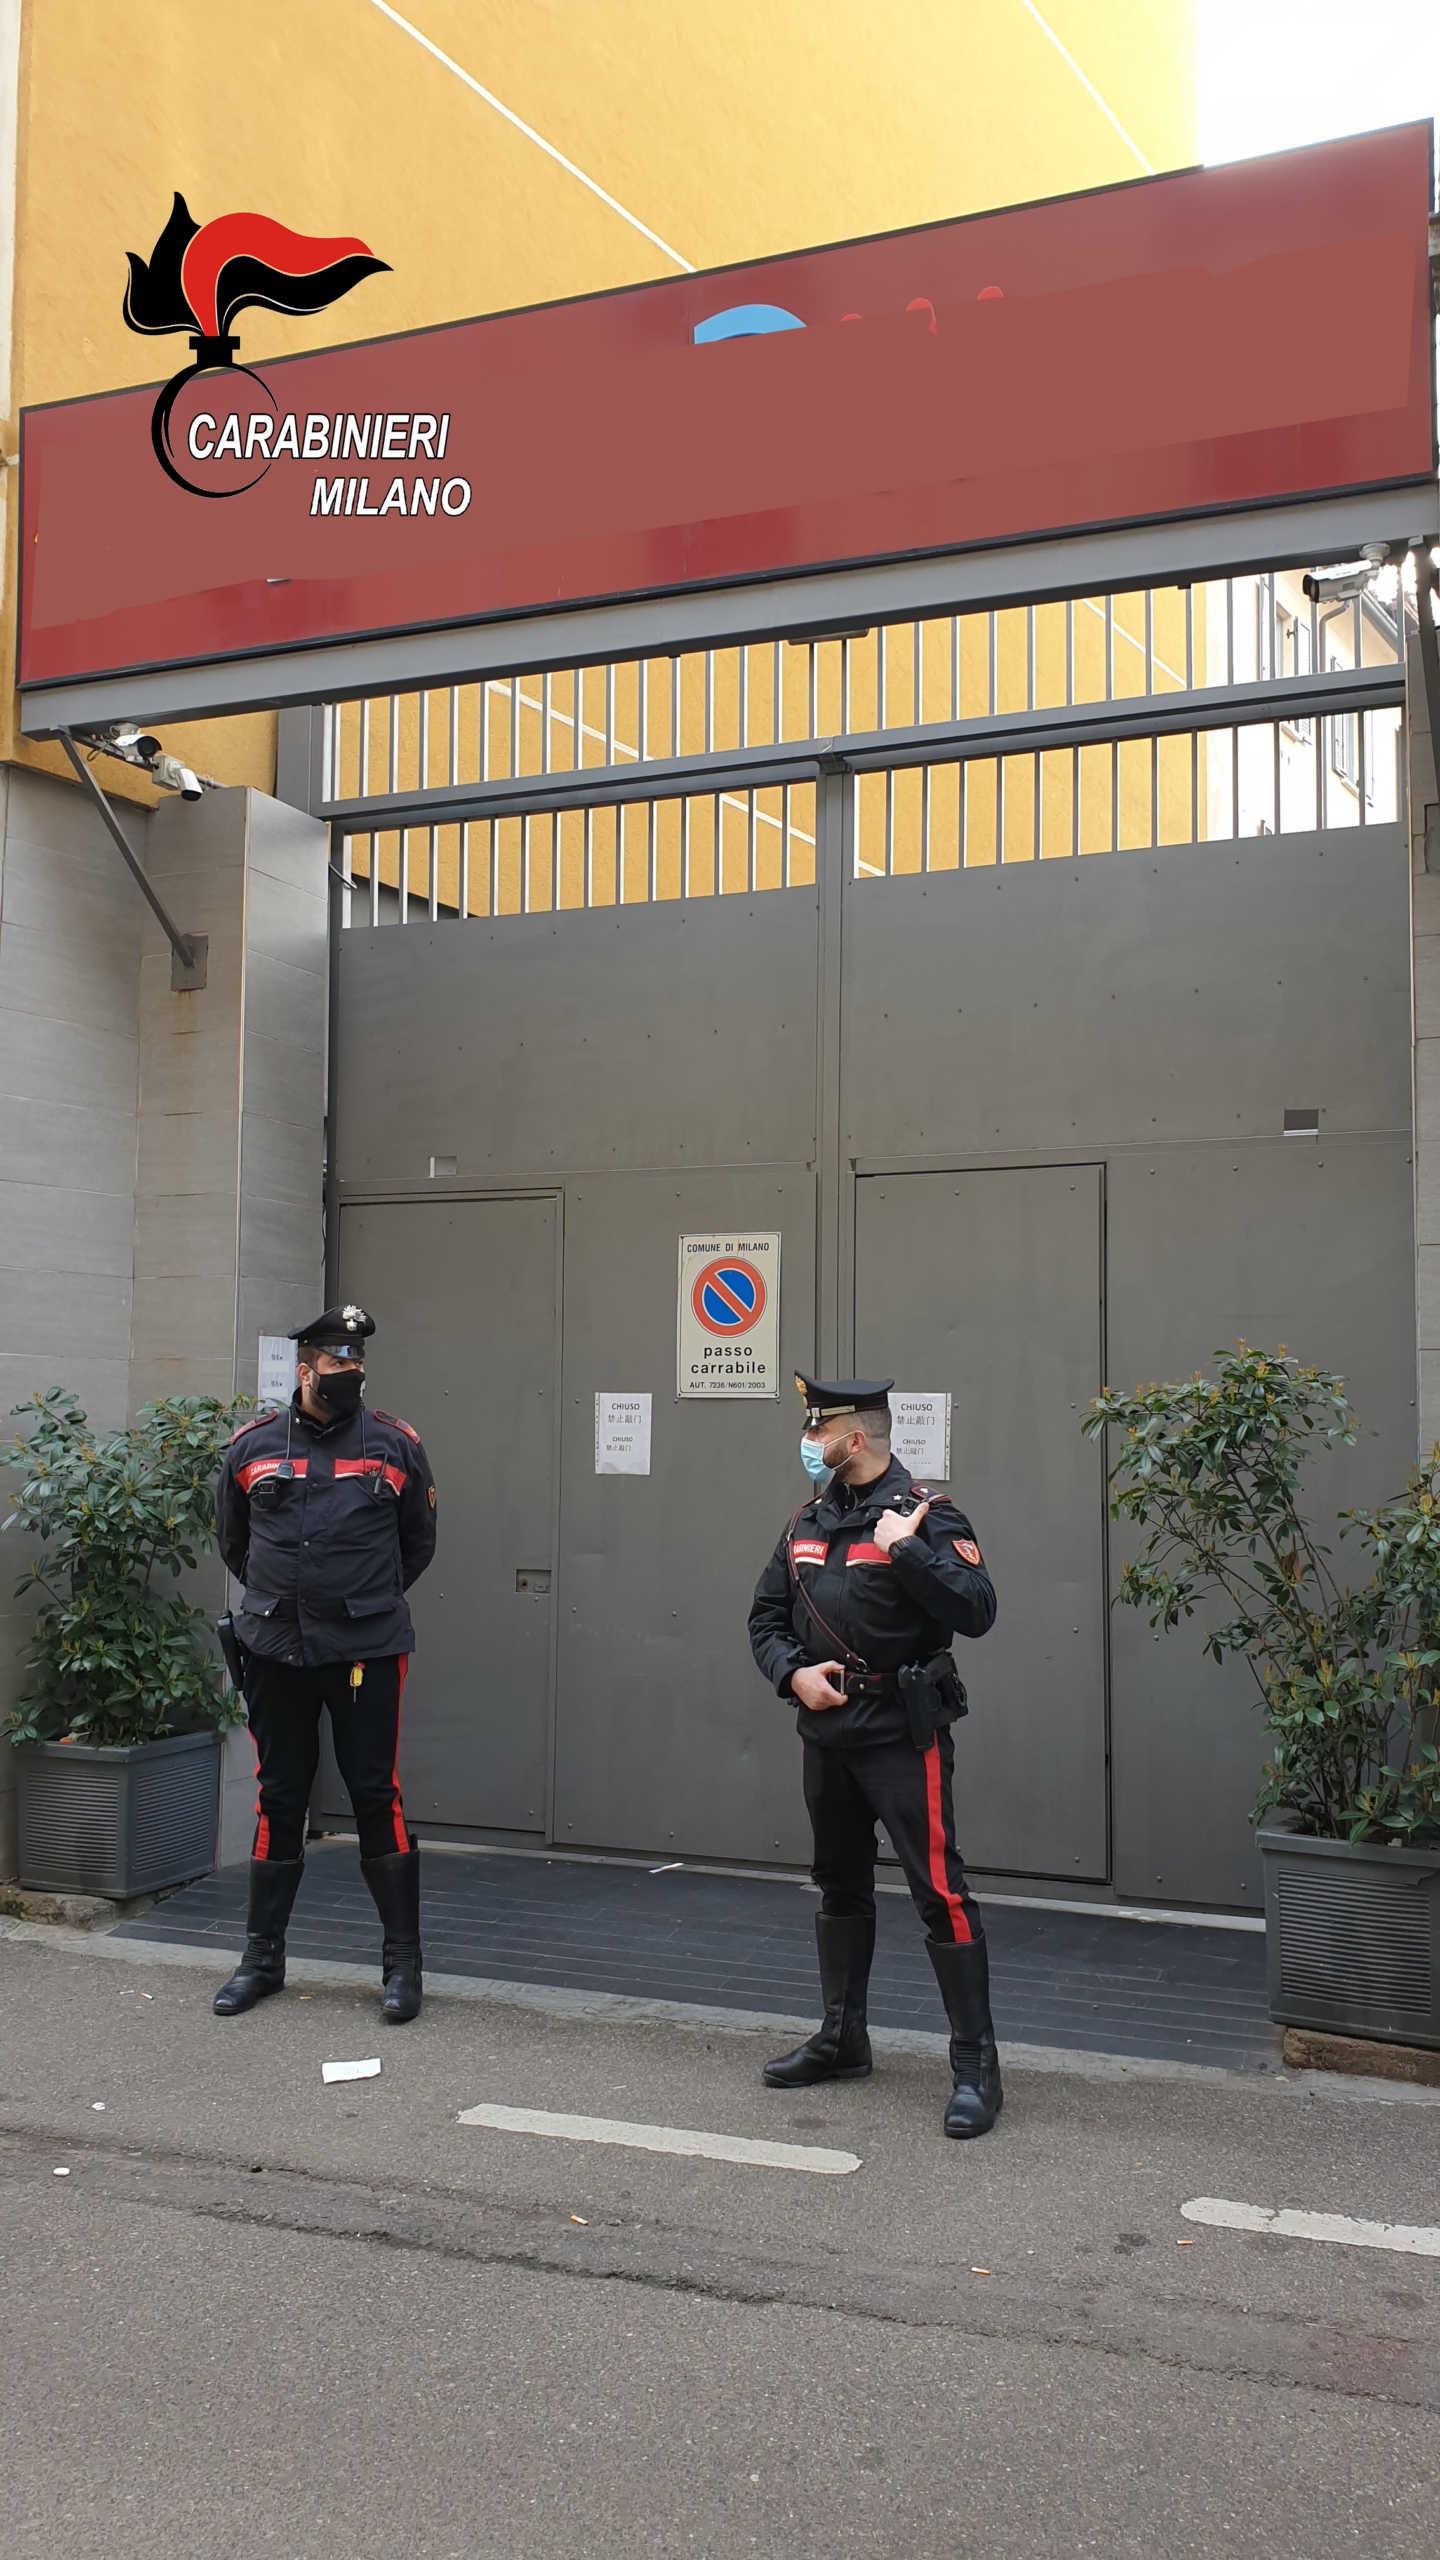 carabinieri milano festa abusiva locale (2)